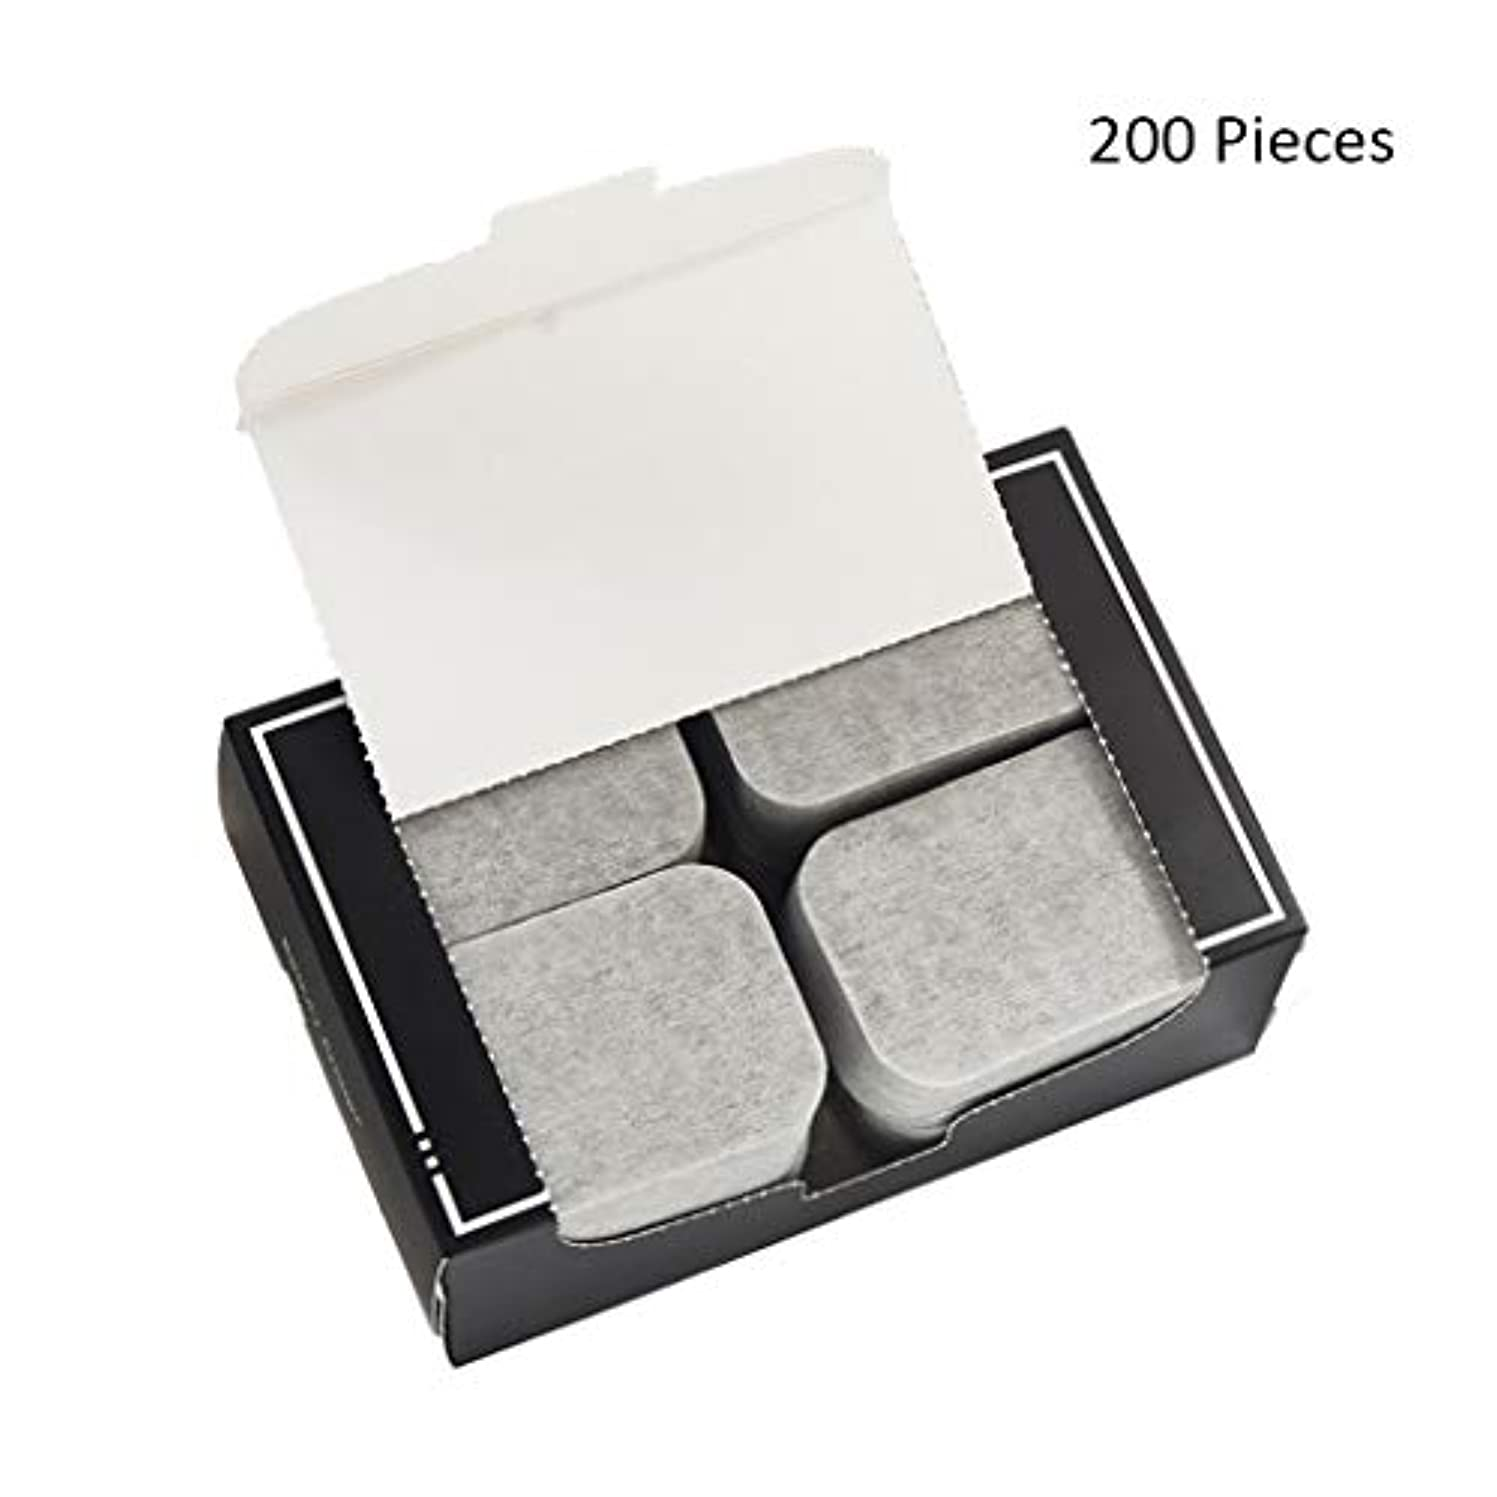 宝石ラダ気付く200ピース/パックフェイスメイクアップリムーバー竹炭ポータブルコットンパッドソフトクレンジングメイクピュア両面リムーバーコットン (Color : Gray, サイズ : 7*5cm)